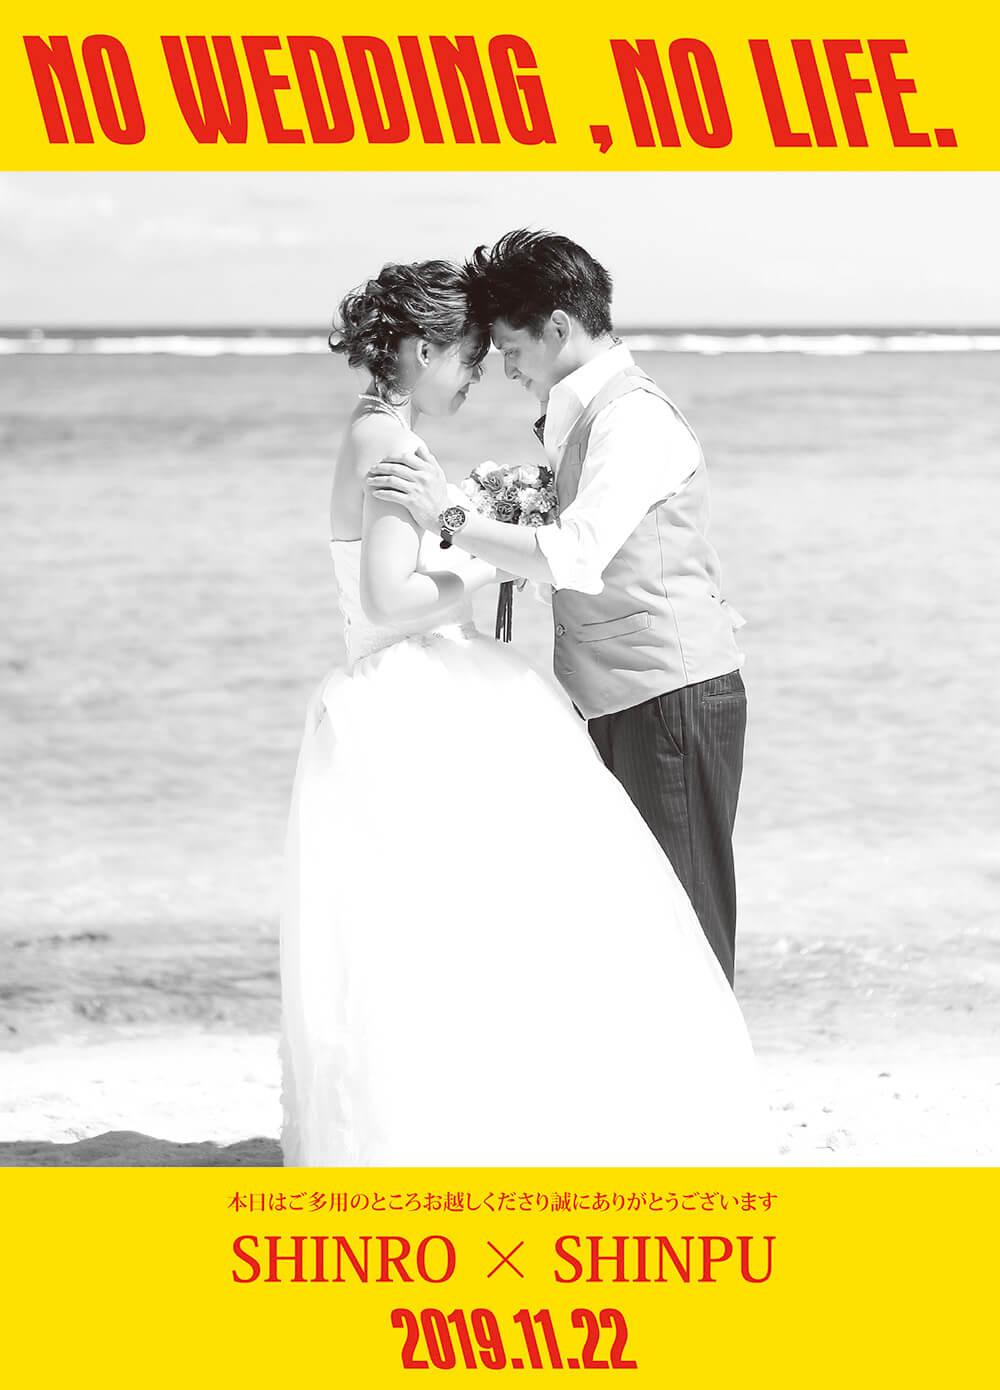 音楽好き・結婚式ウェルカムボード(タワレコ風ウェルカムスペース)